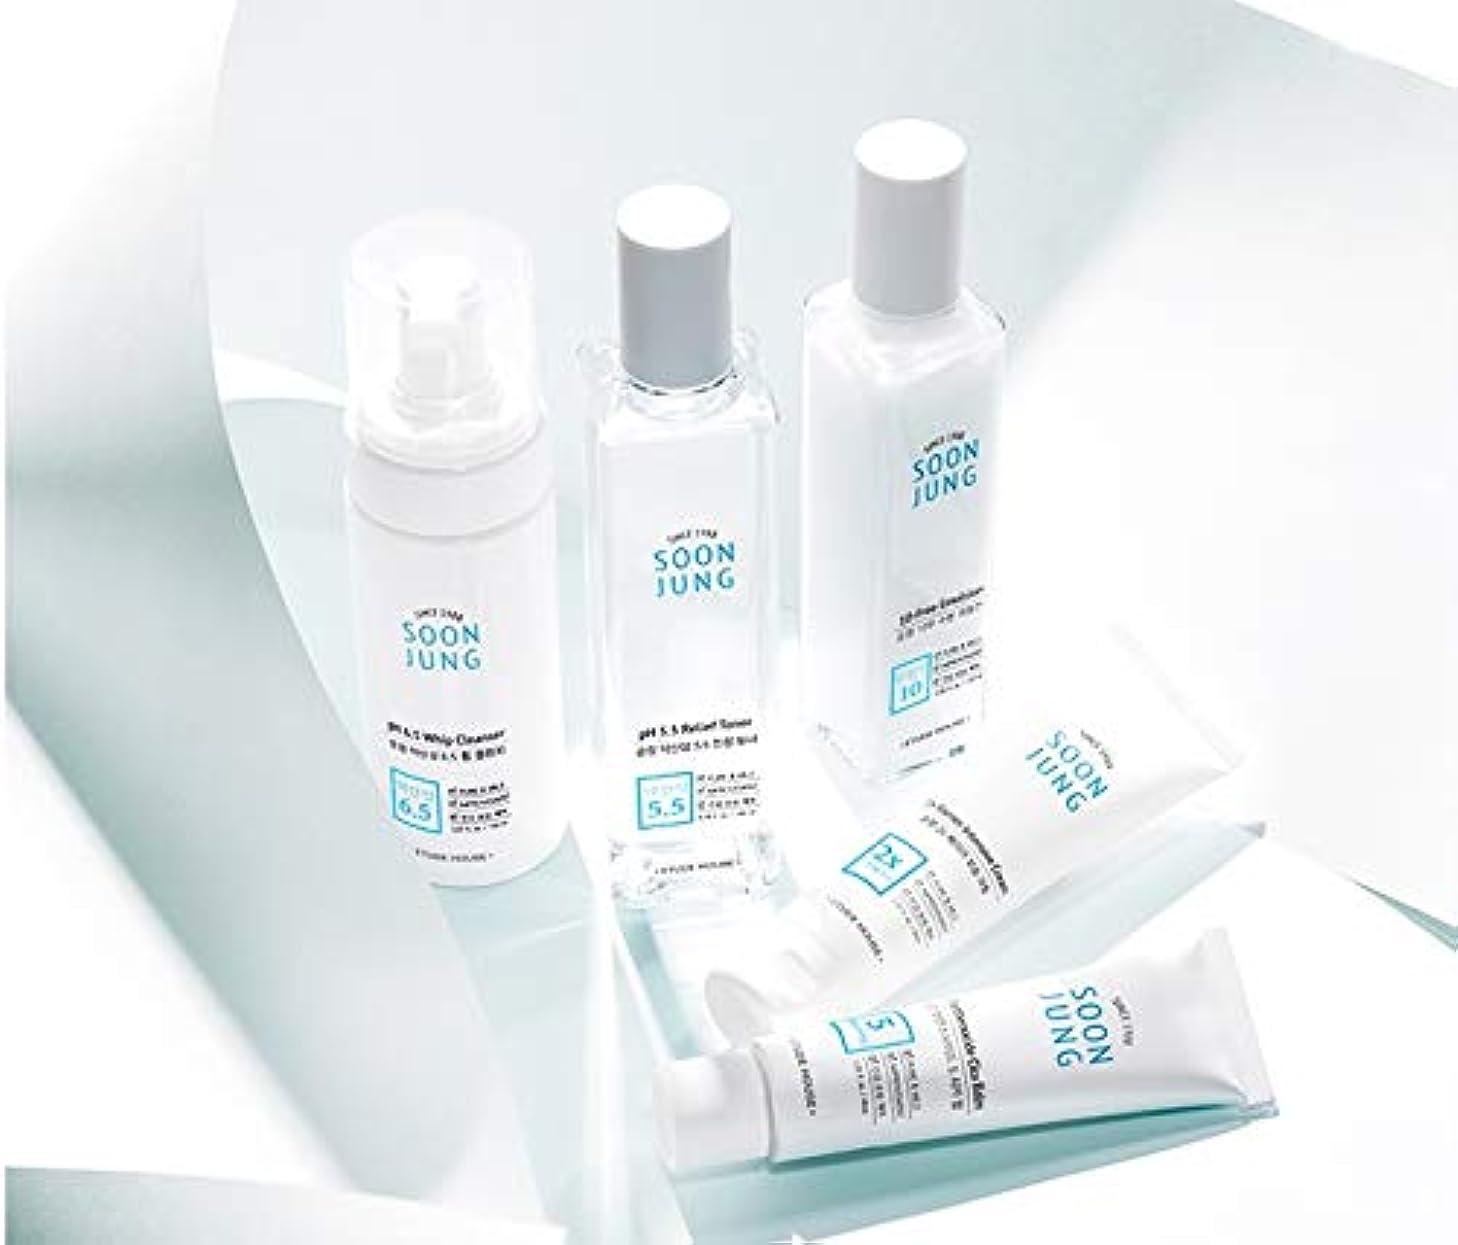 強います要旨五十ETUDE HOUSEエチュードハウスpH5.5リリーフトナー180ml 韓国の有名な化粧品ブランドの人気トナー洗浄スキンケア水分補給肌の保湿